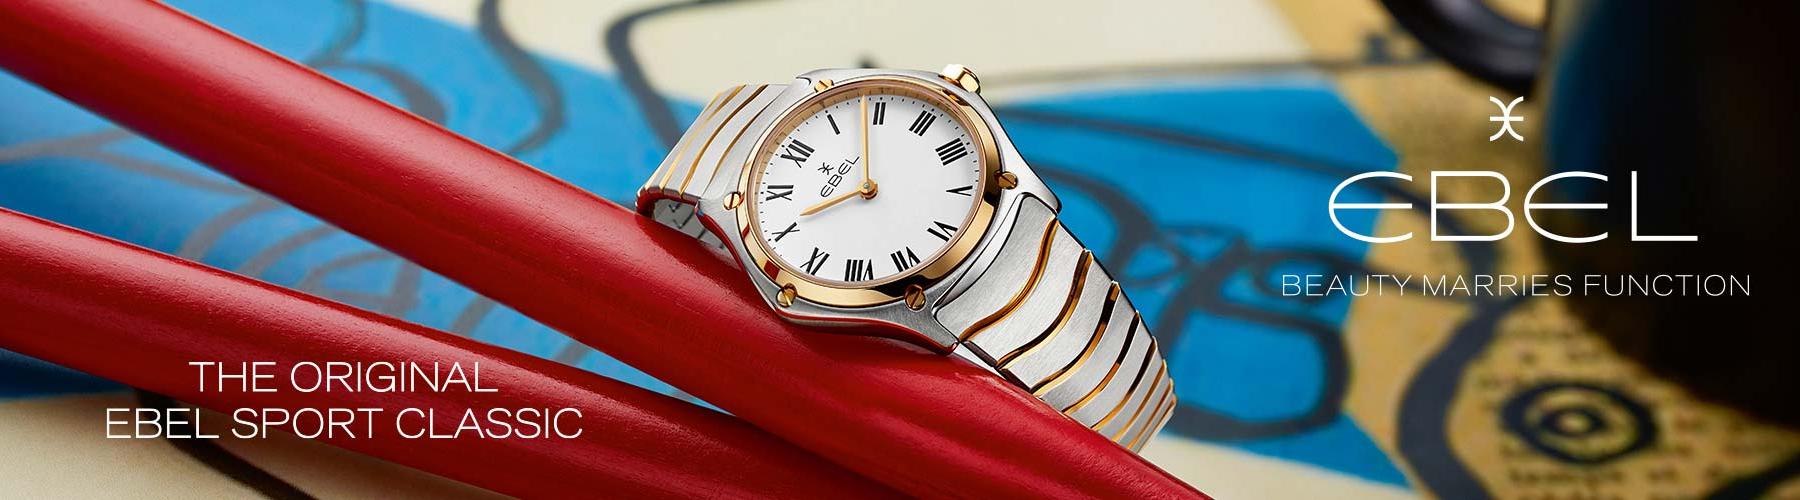 Ebel-sport-classic--luxe-horloge-kopen-bij-Wolters-Juweliers